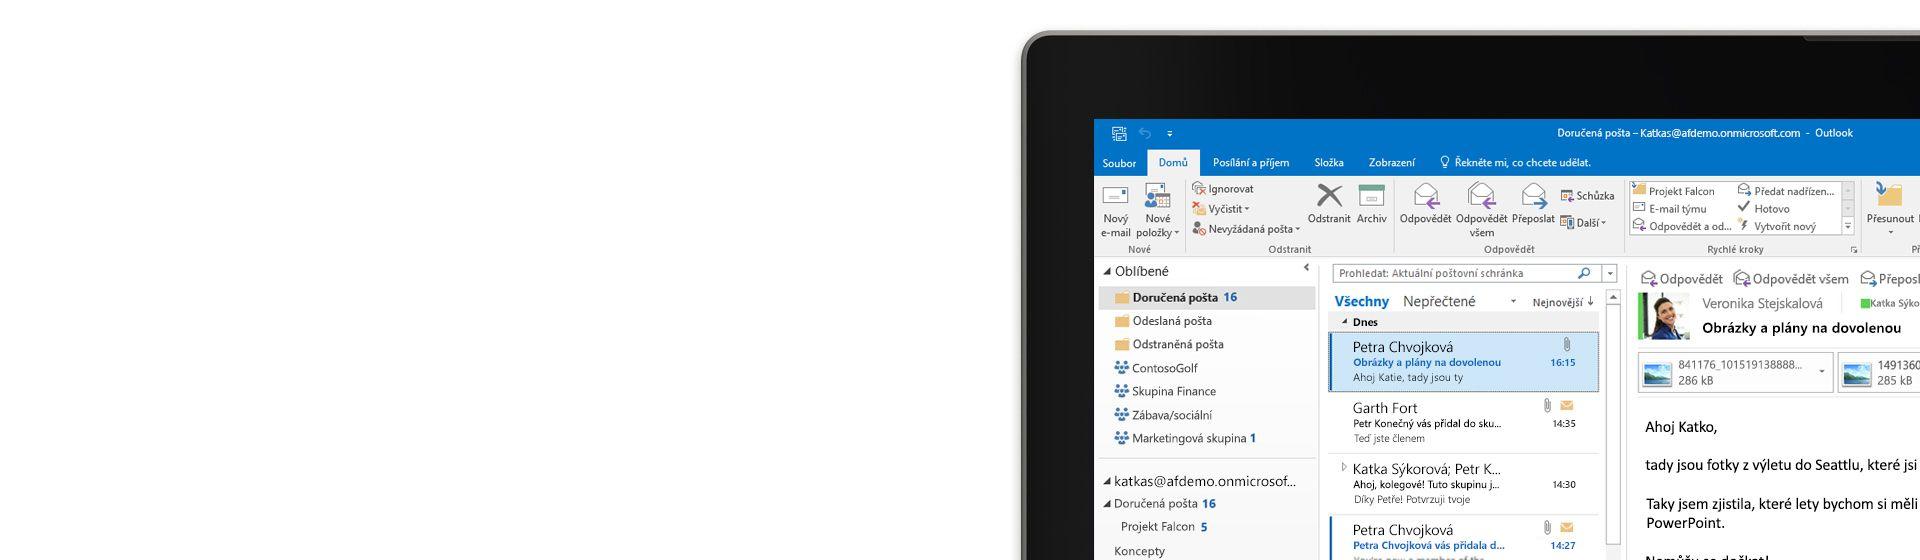 Částečné zobrazení desktopové verze Microsoft Outlooku